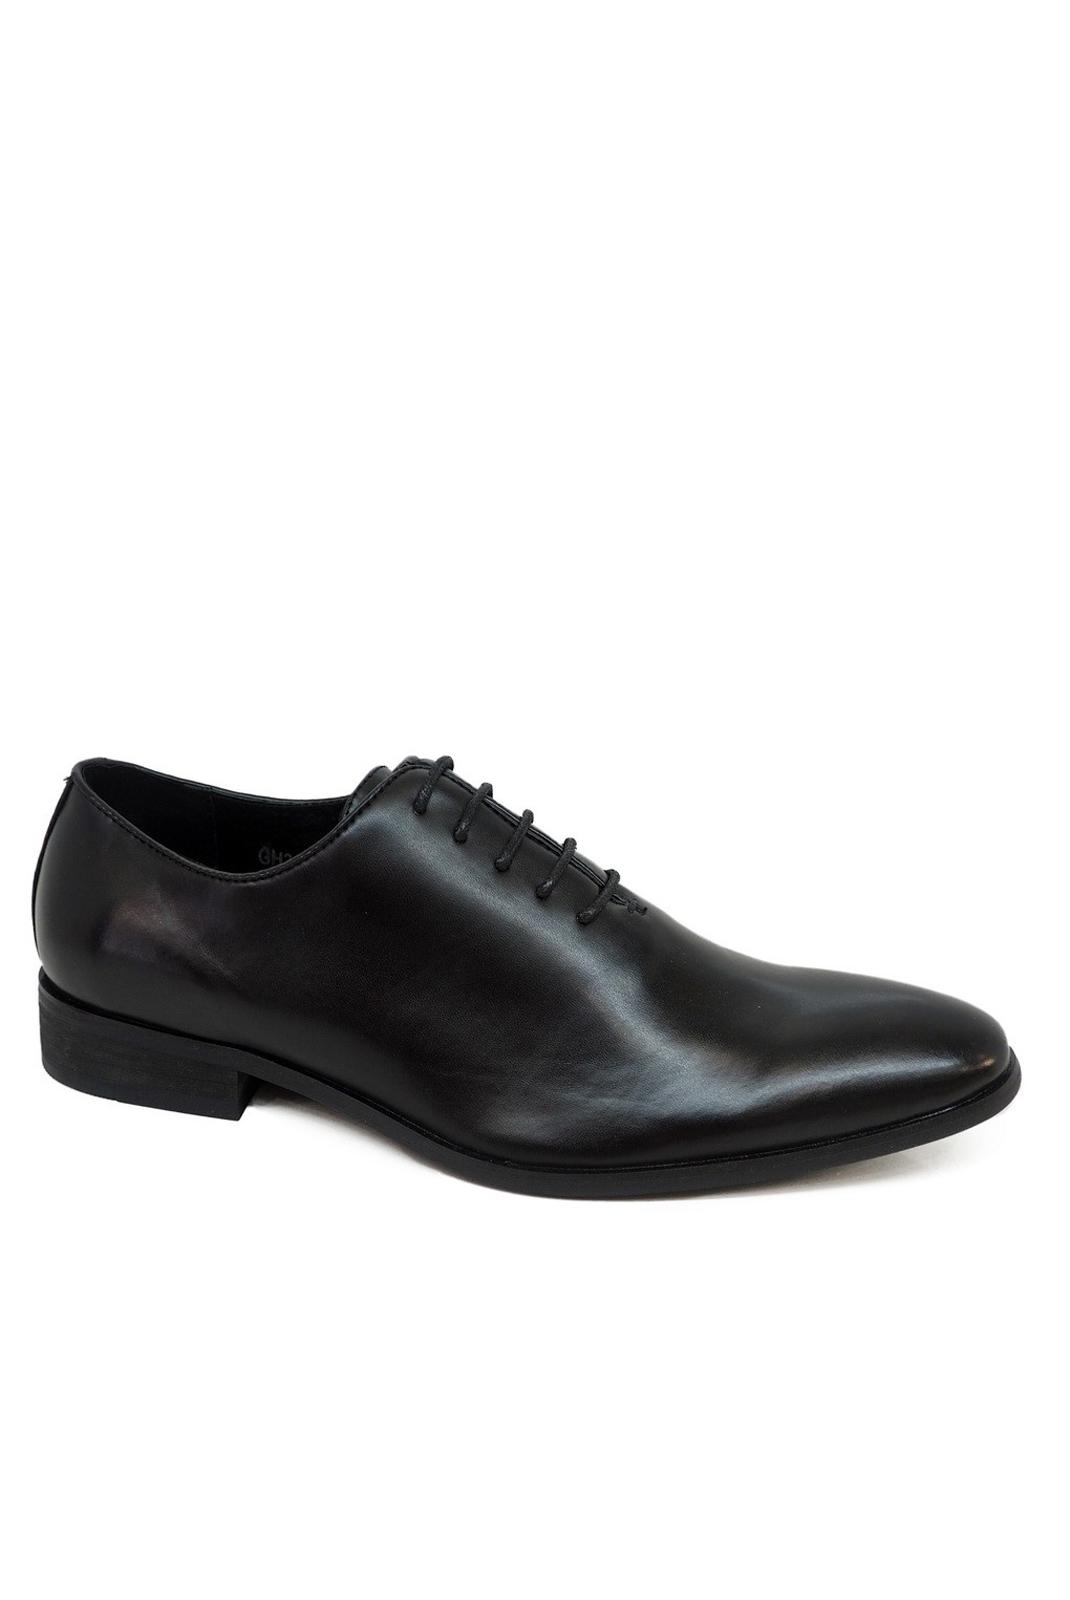 Chaussures de ville  Galax GH3089 NOIR